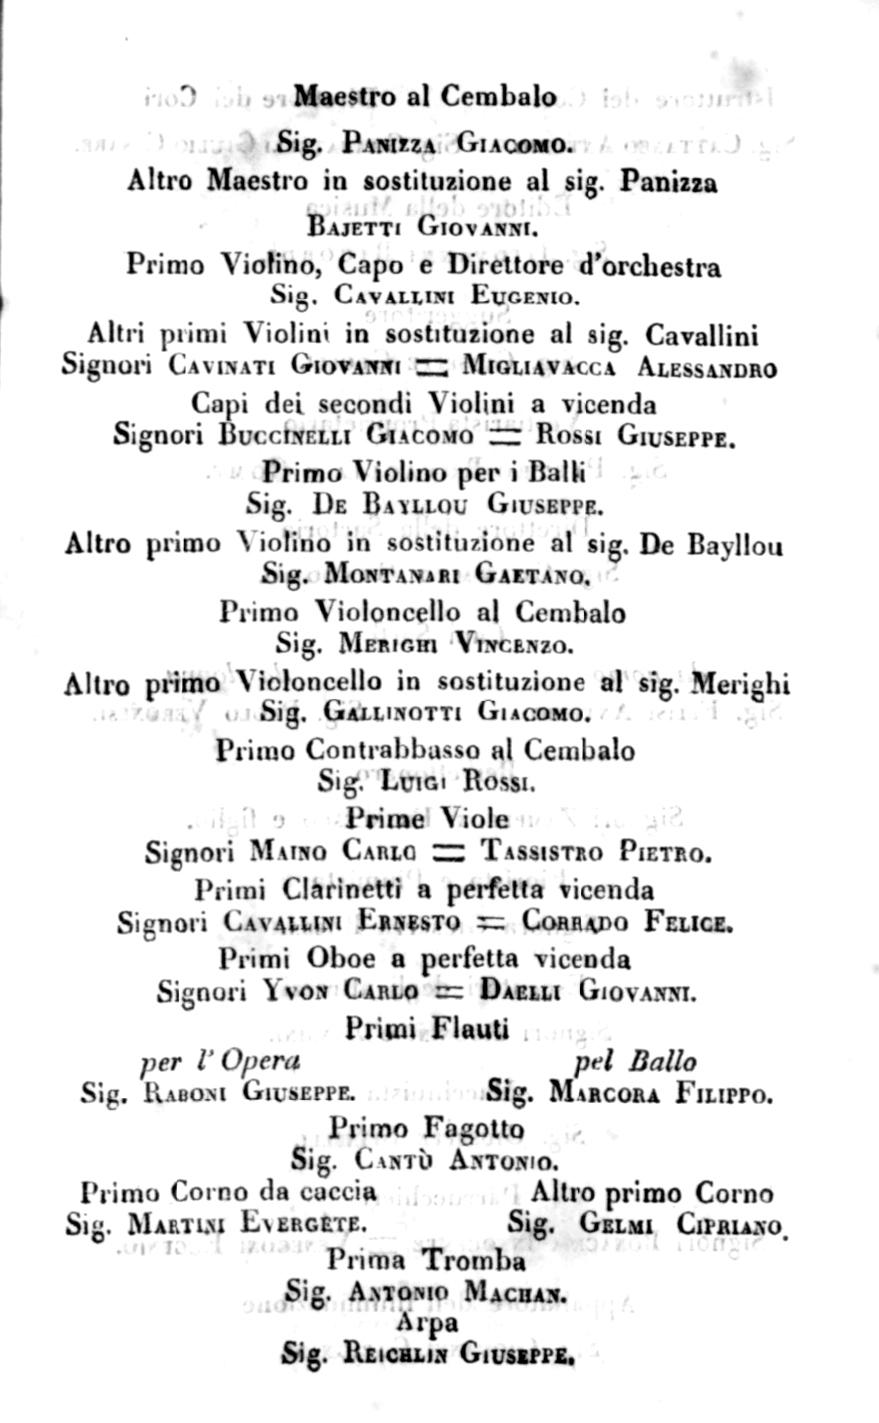 ミラノ・スカラ座歌劇場管弦楽団の歴史 1831年~1840年_b0189423_22235110.jpg